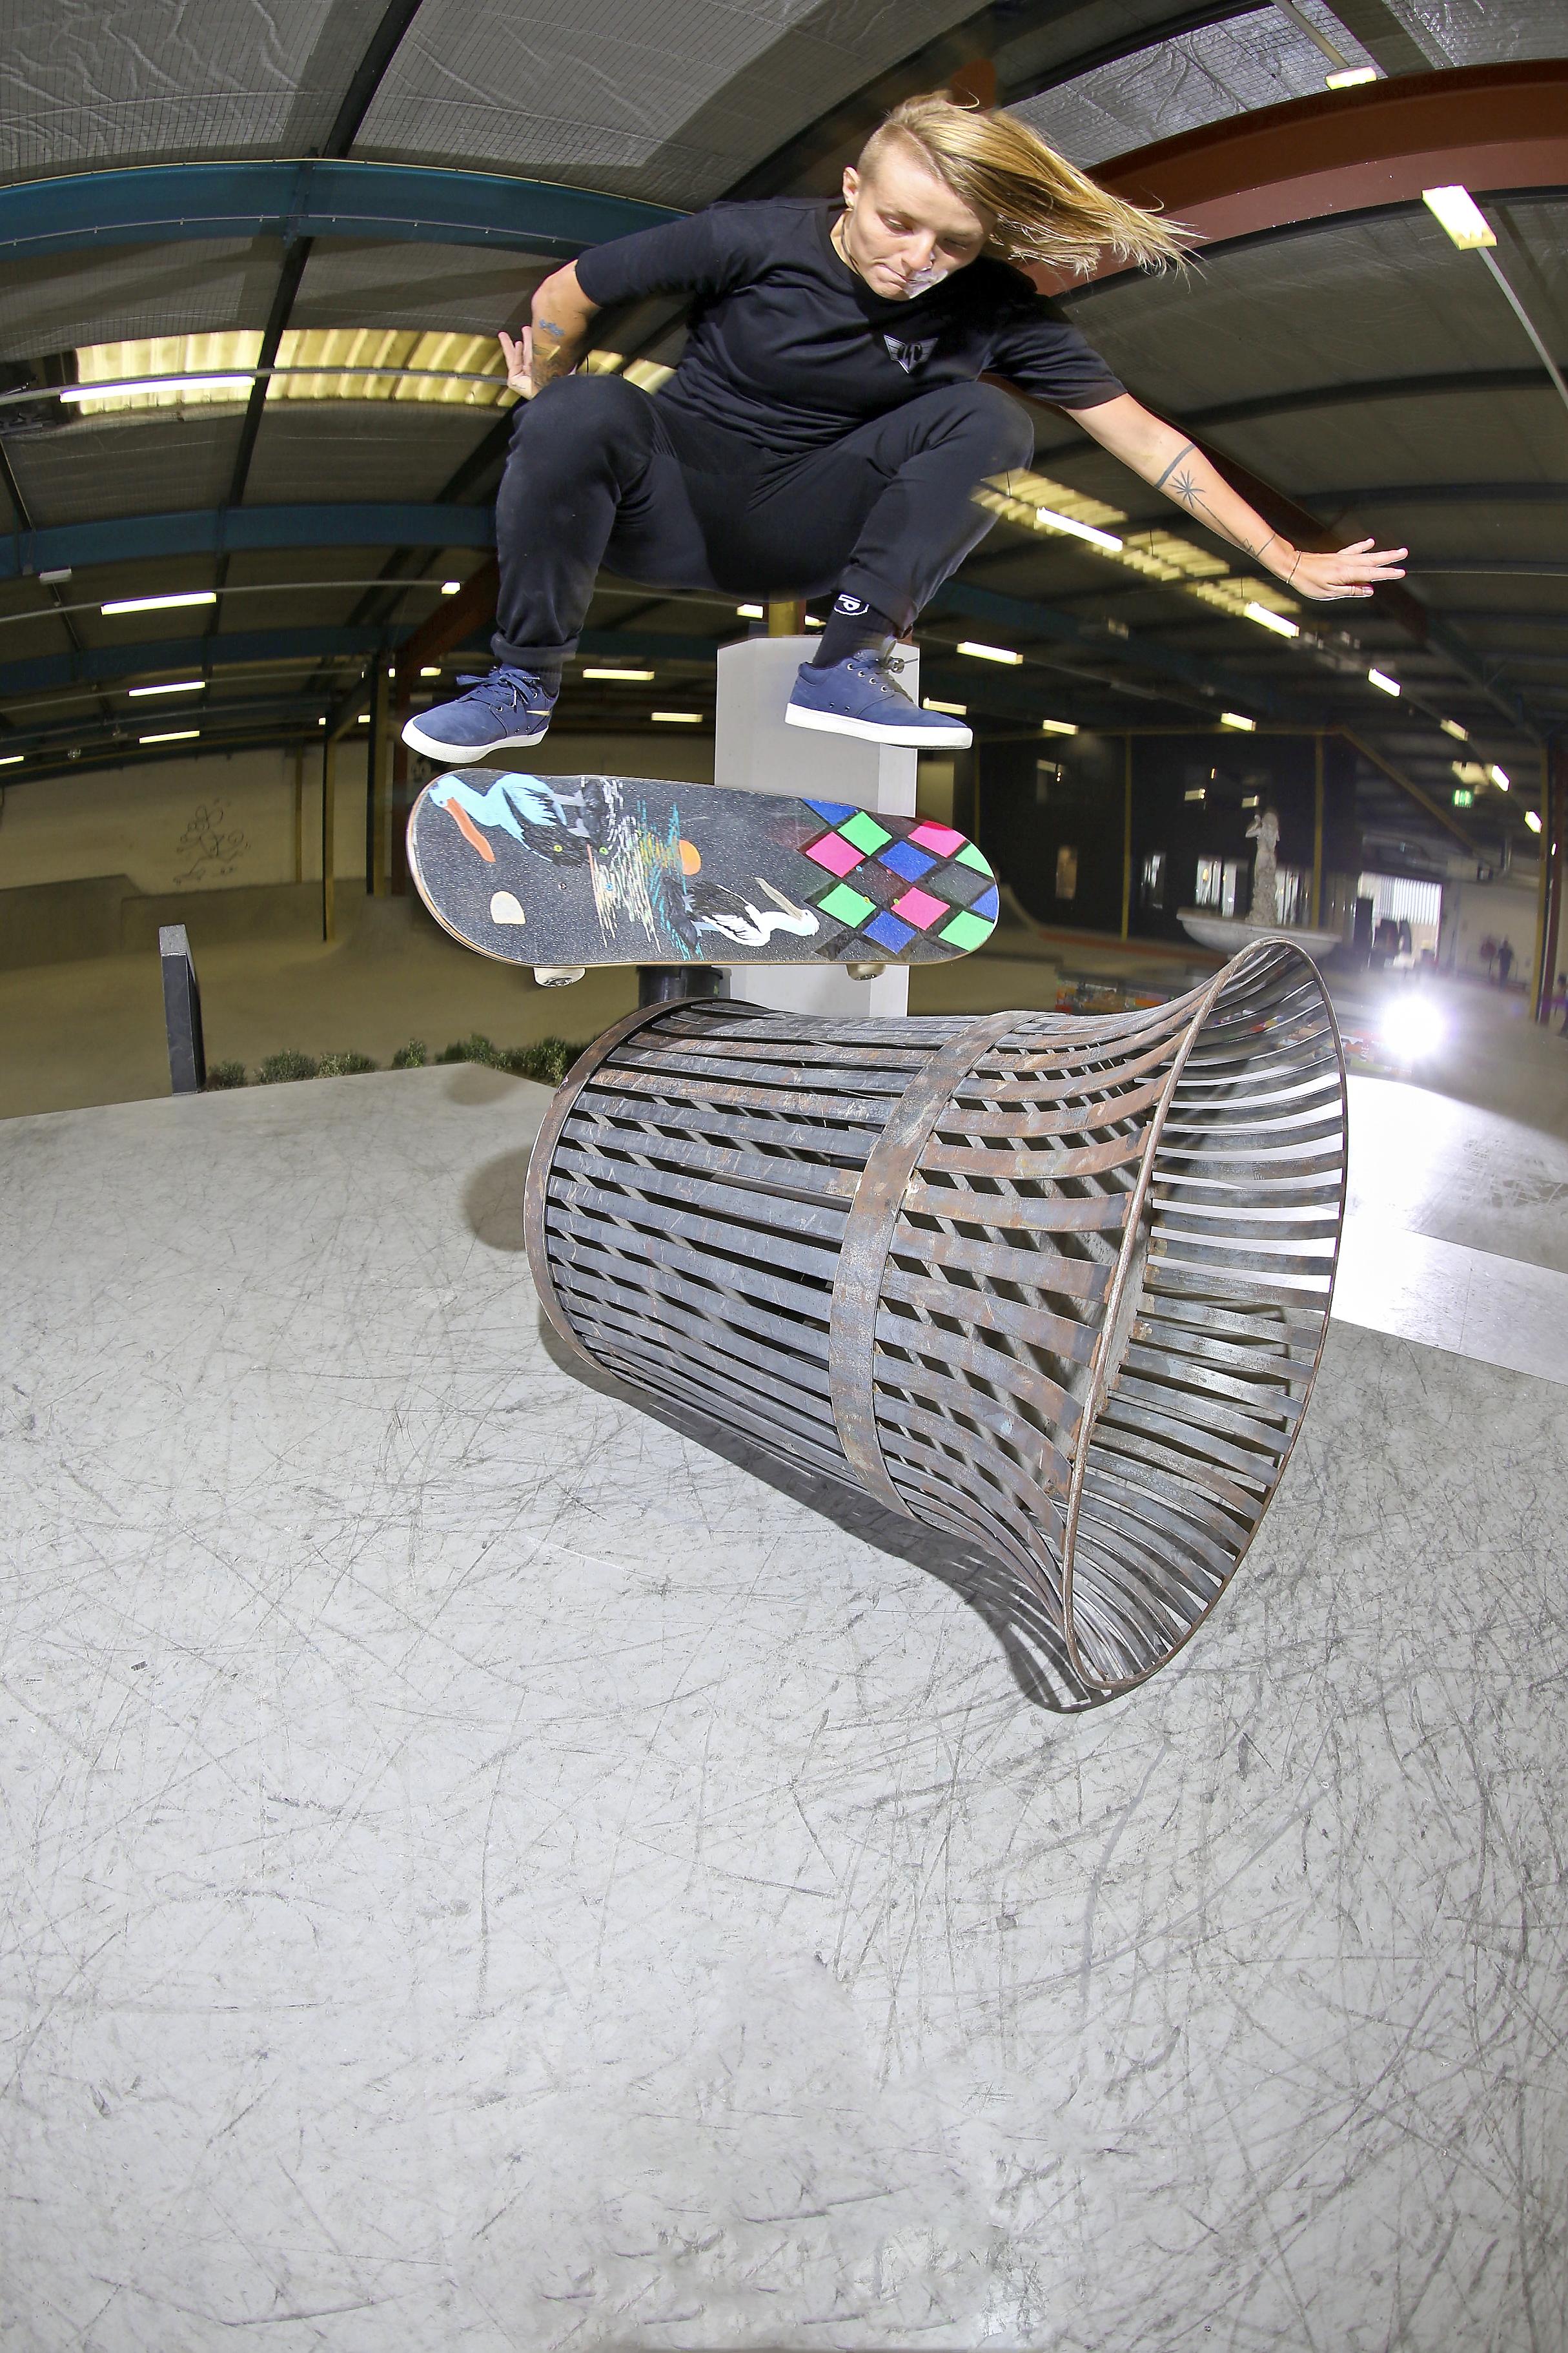 9a3af1d1b496e9 Skateparks under the magnifying glass